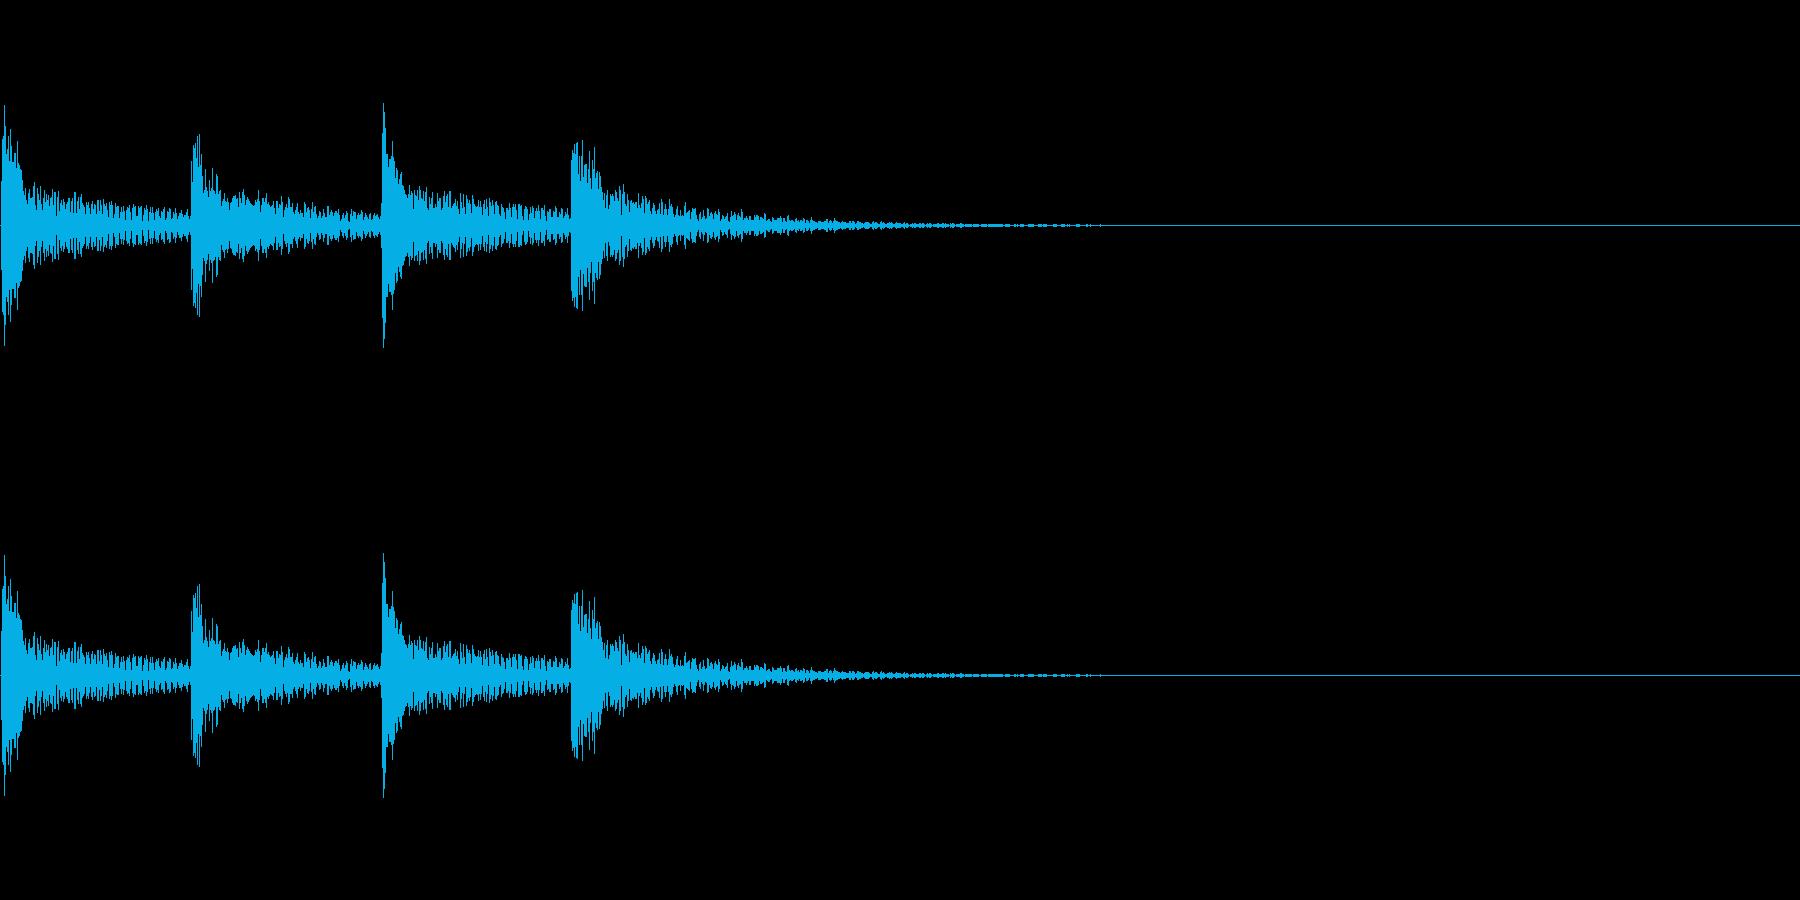 木琴 シンプルな着信音の再生済みの波形